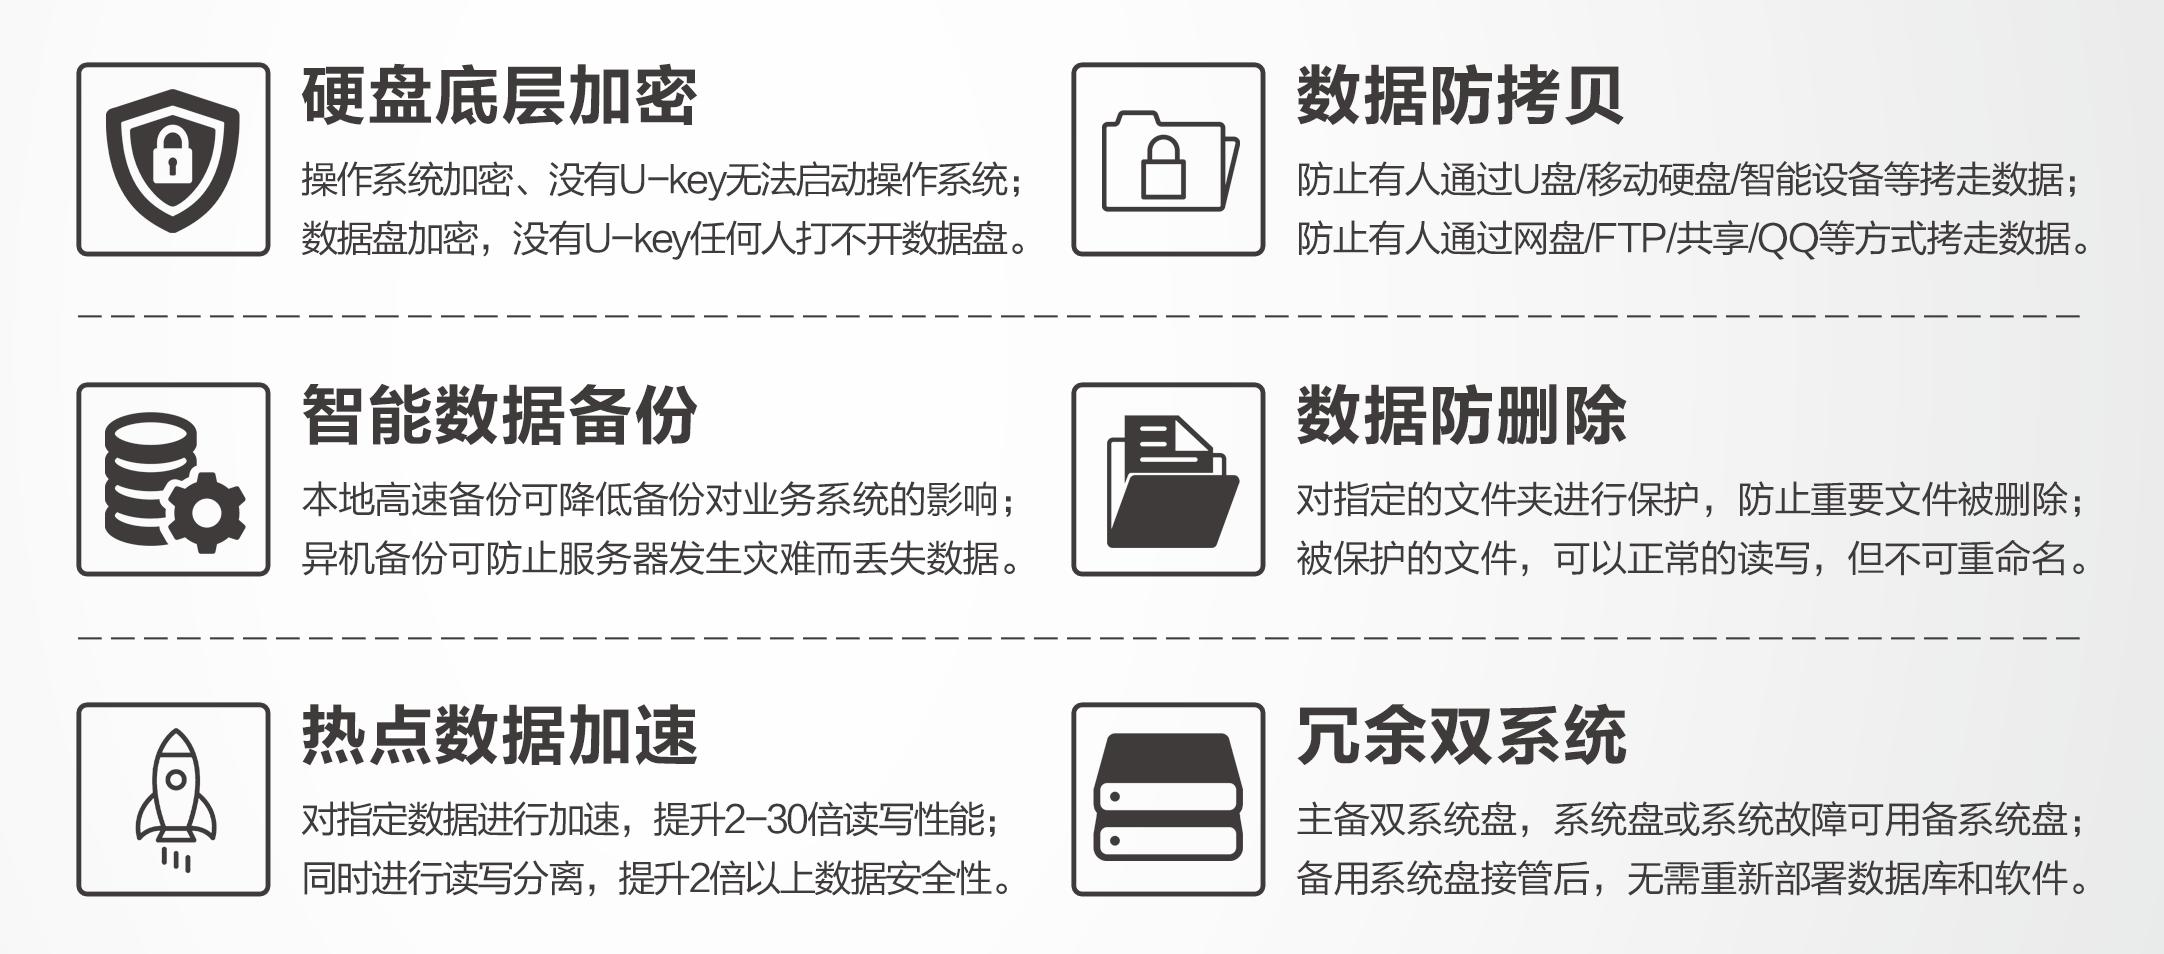 安全可信及数据加速专用服务器-微信2